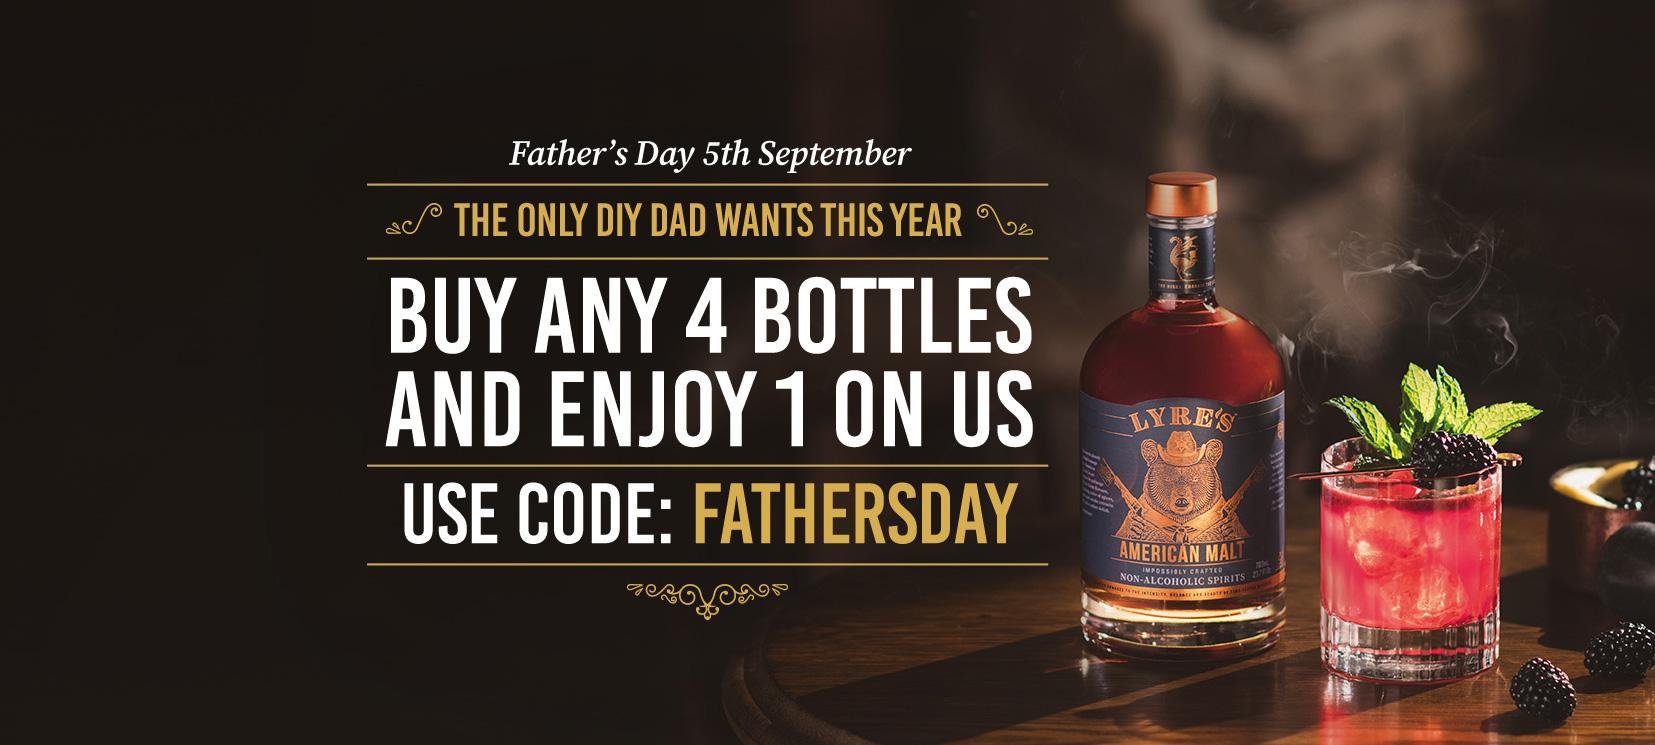 fathersday-aus-promobanner.jpg